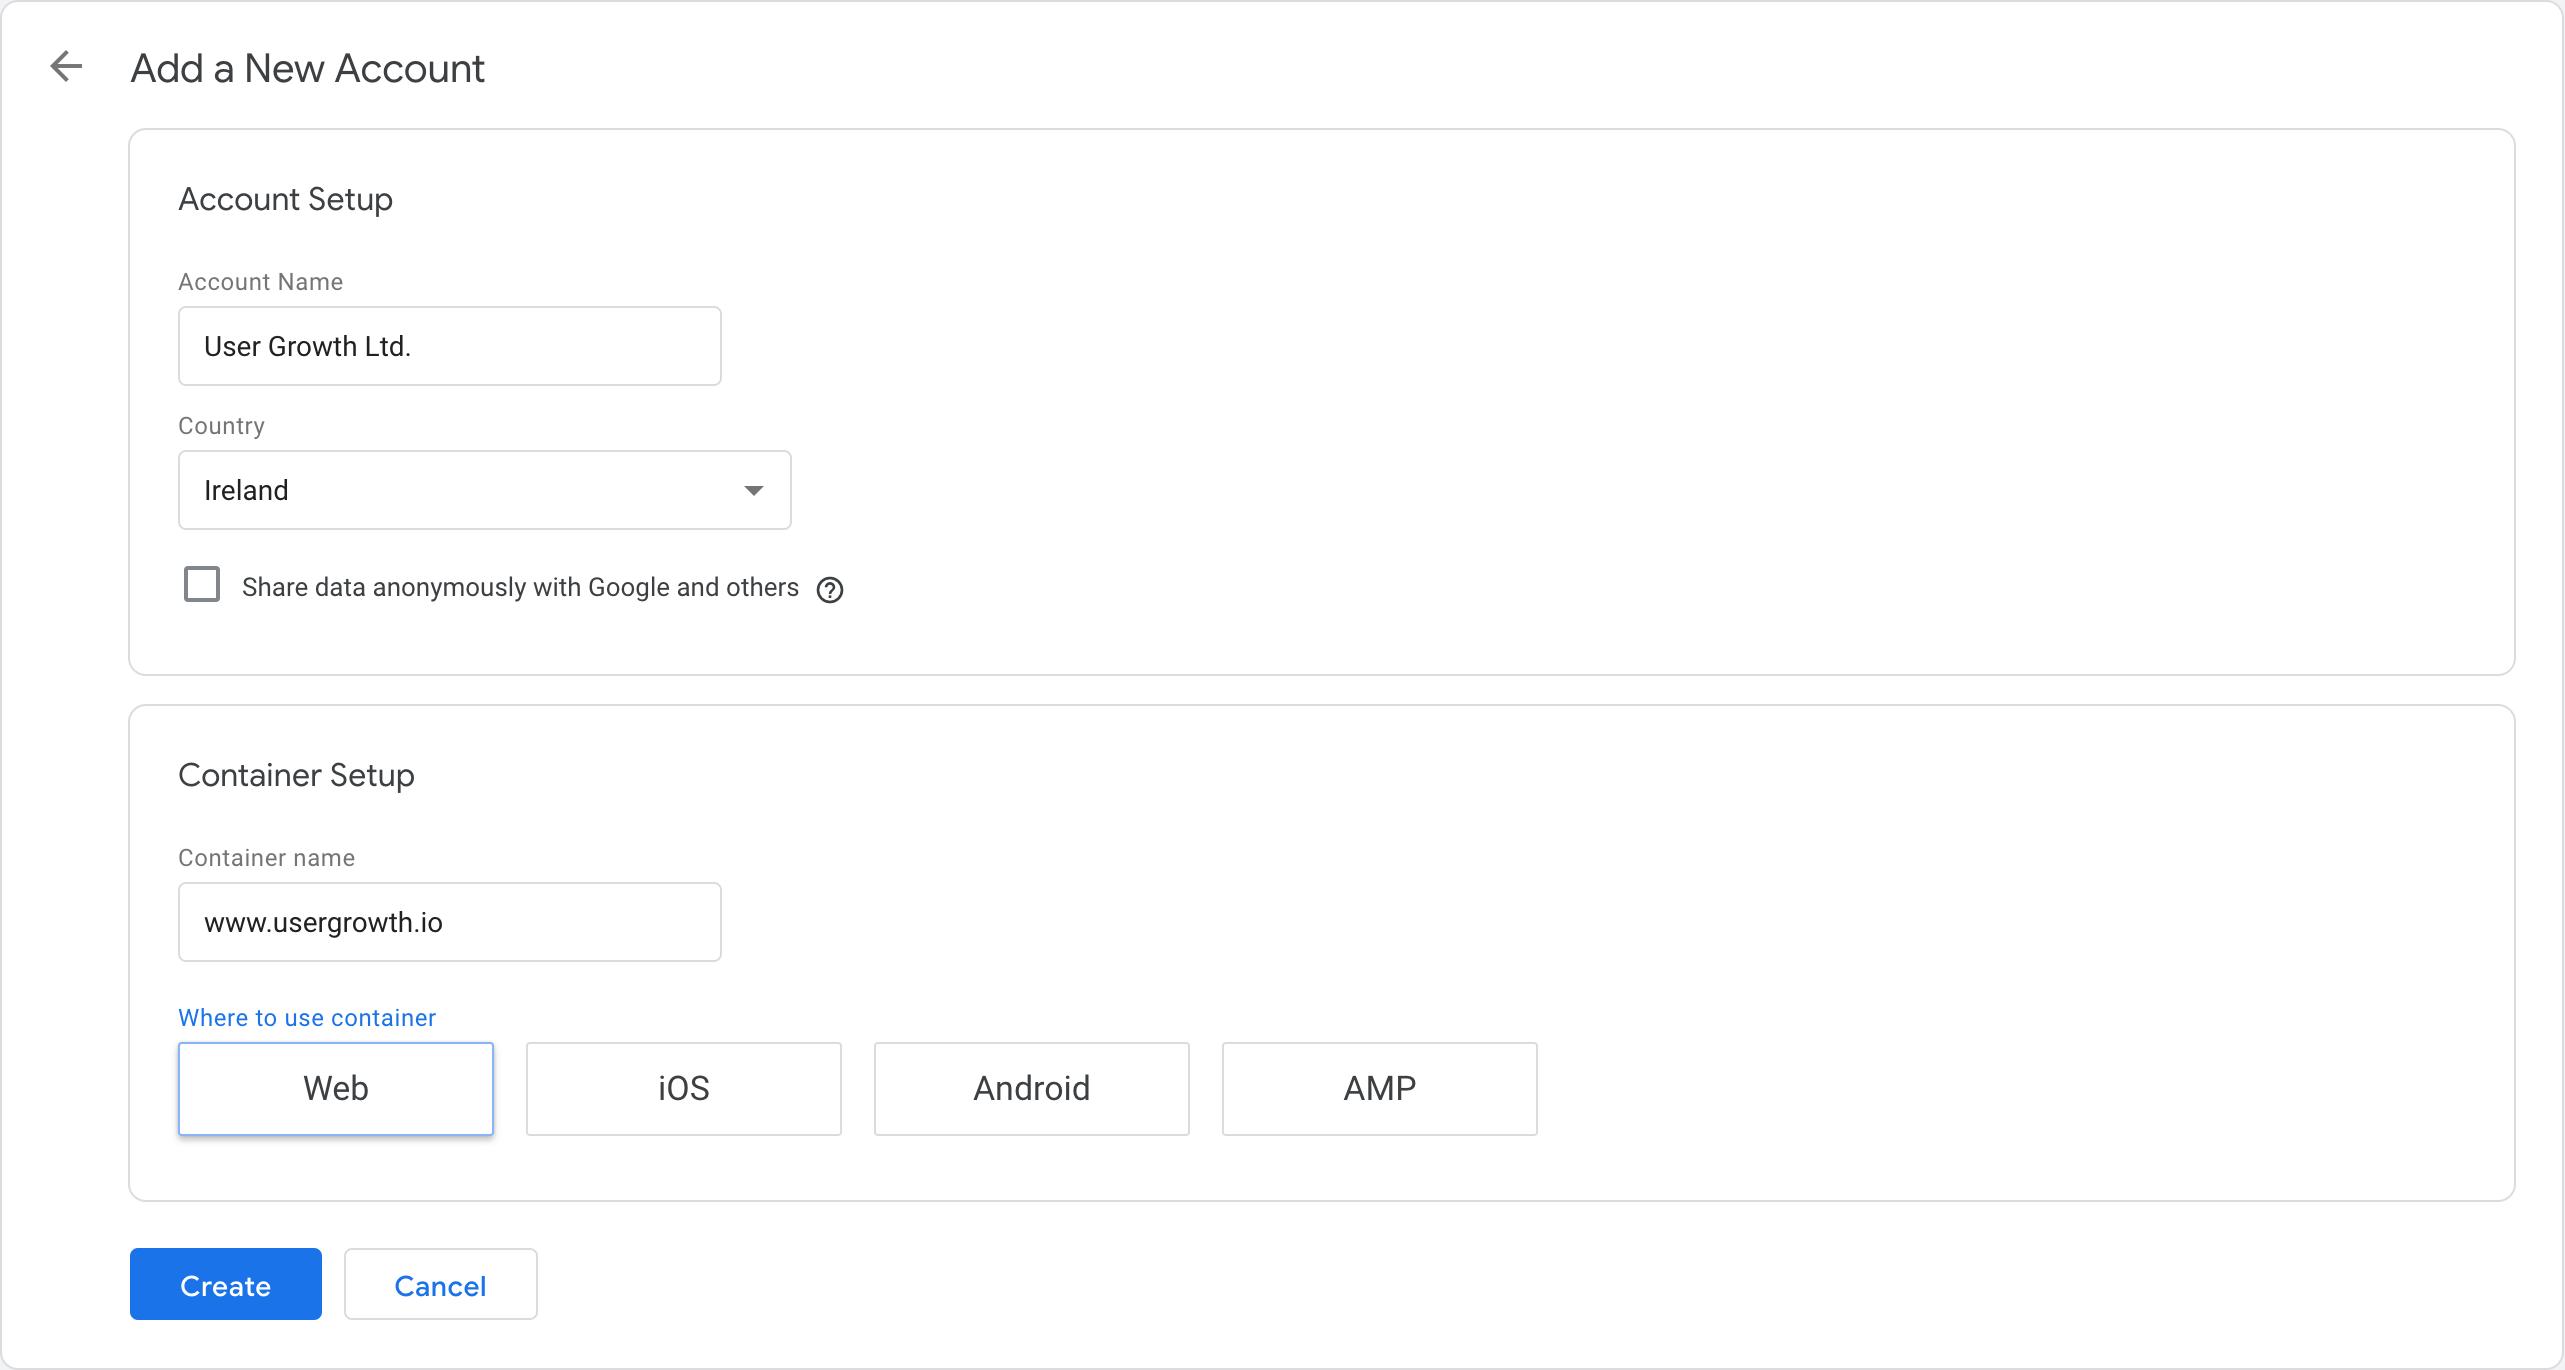 创建Google跟踪代码管理器帐户的步骤1:帐户和容器的设置